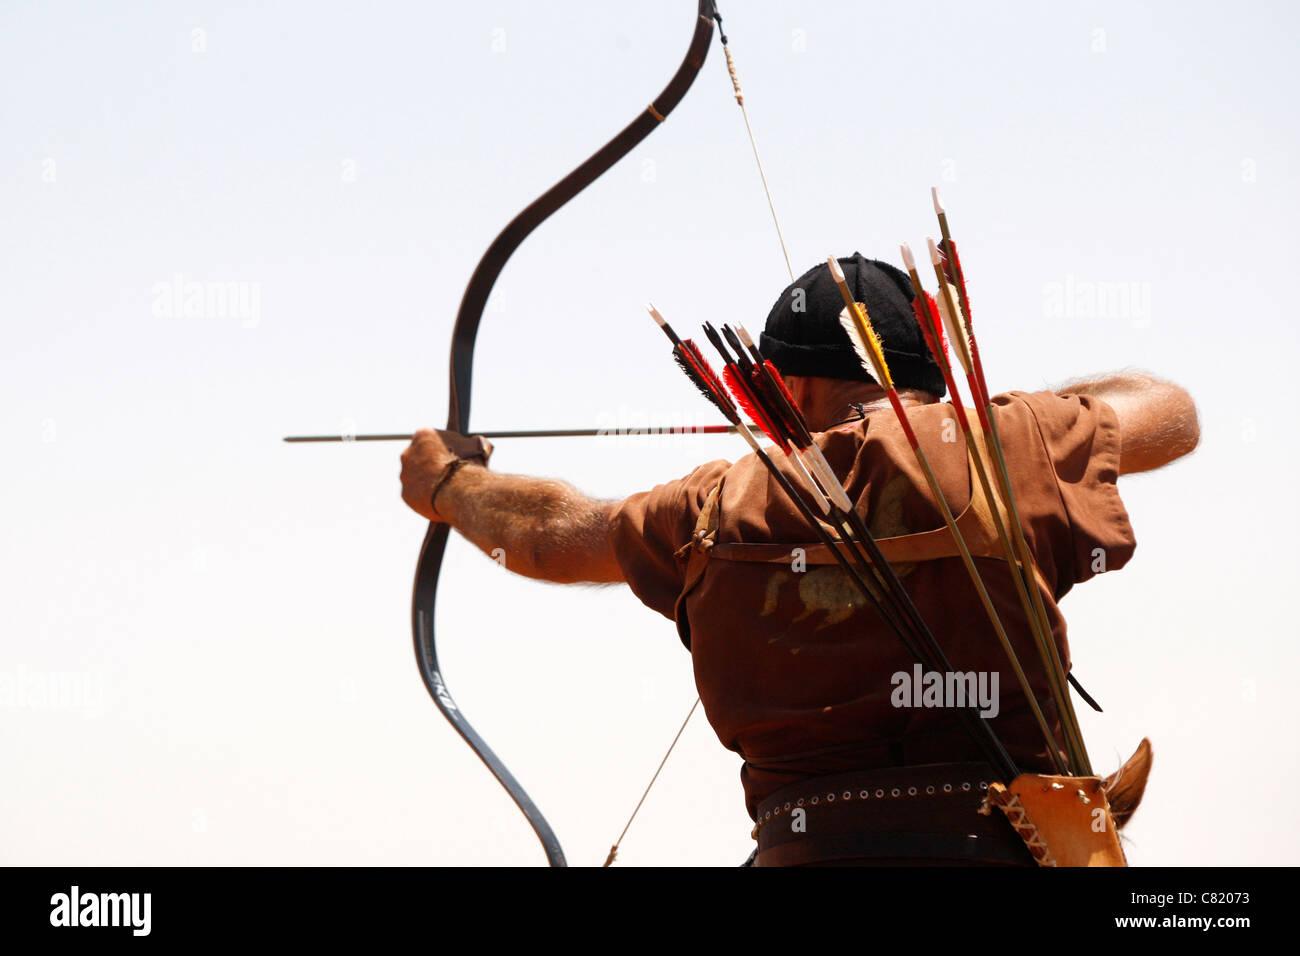 Partecipante competere gara di tiro con l'arco a cavallo uomo cavallo Immagini Stock